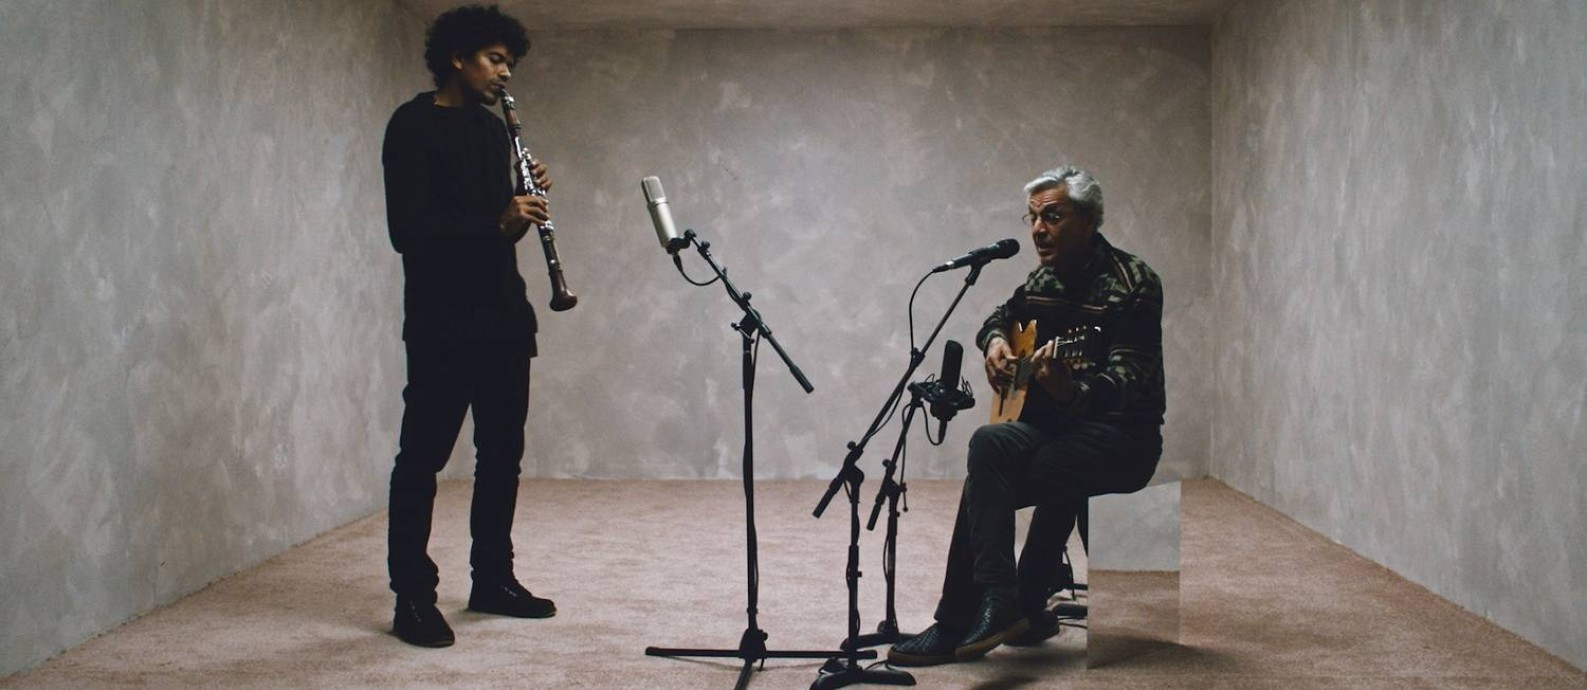 O clarinetista Ivan Sacerdote e o cantor e compositor Caetano Veloso Foto: Divulgação